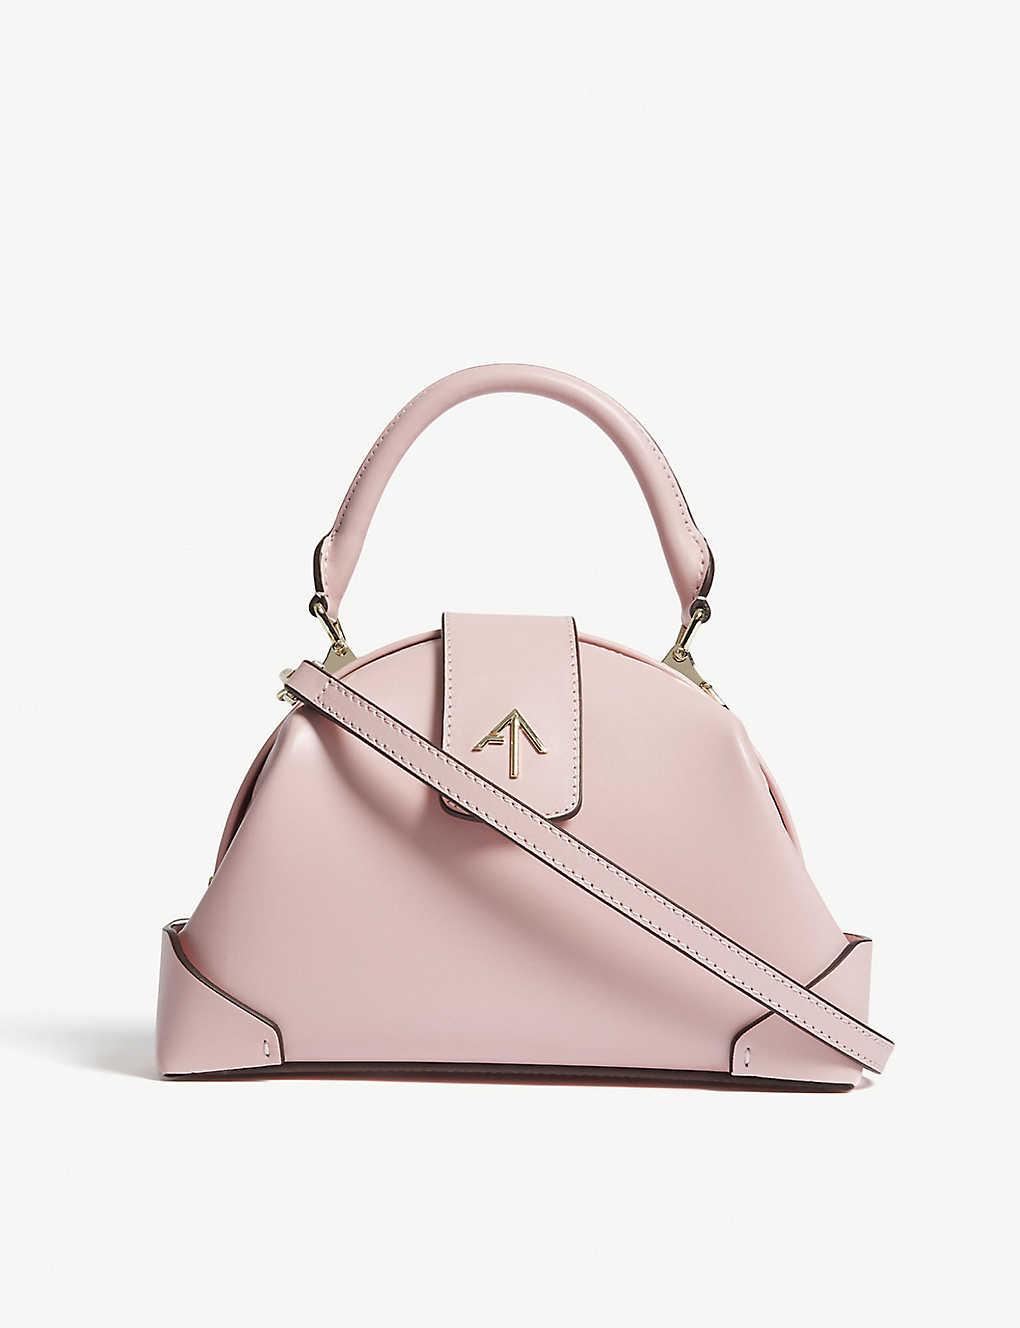 Manu Atelier pink top handle bag